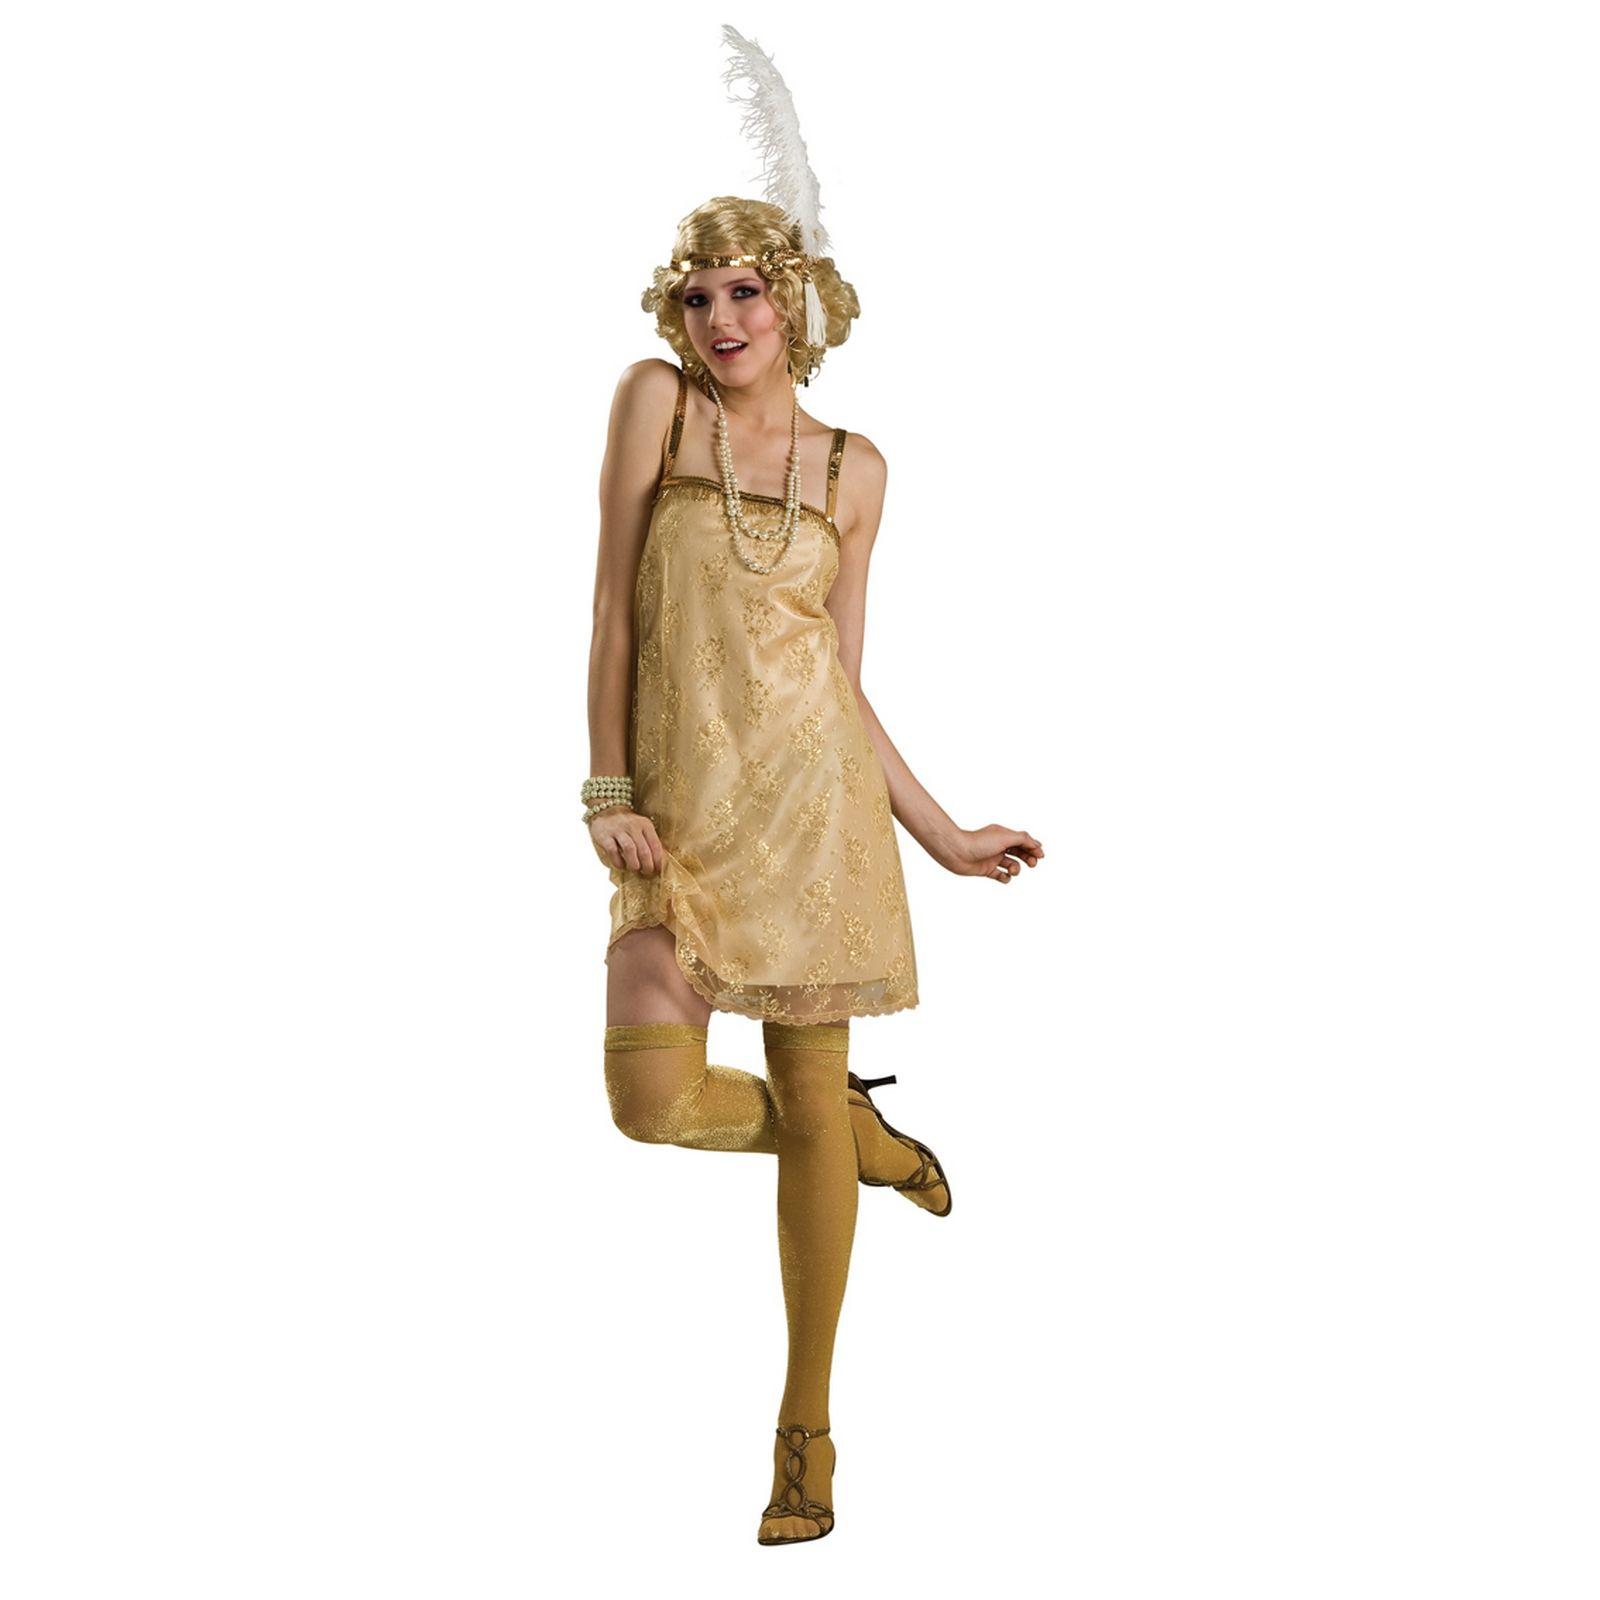 4185de3c46f Costume Déguisement Rubies Fille Femme Adulte Gatsby Années 20 ...